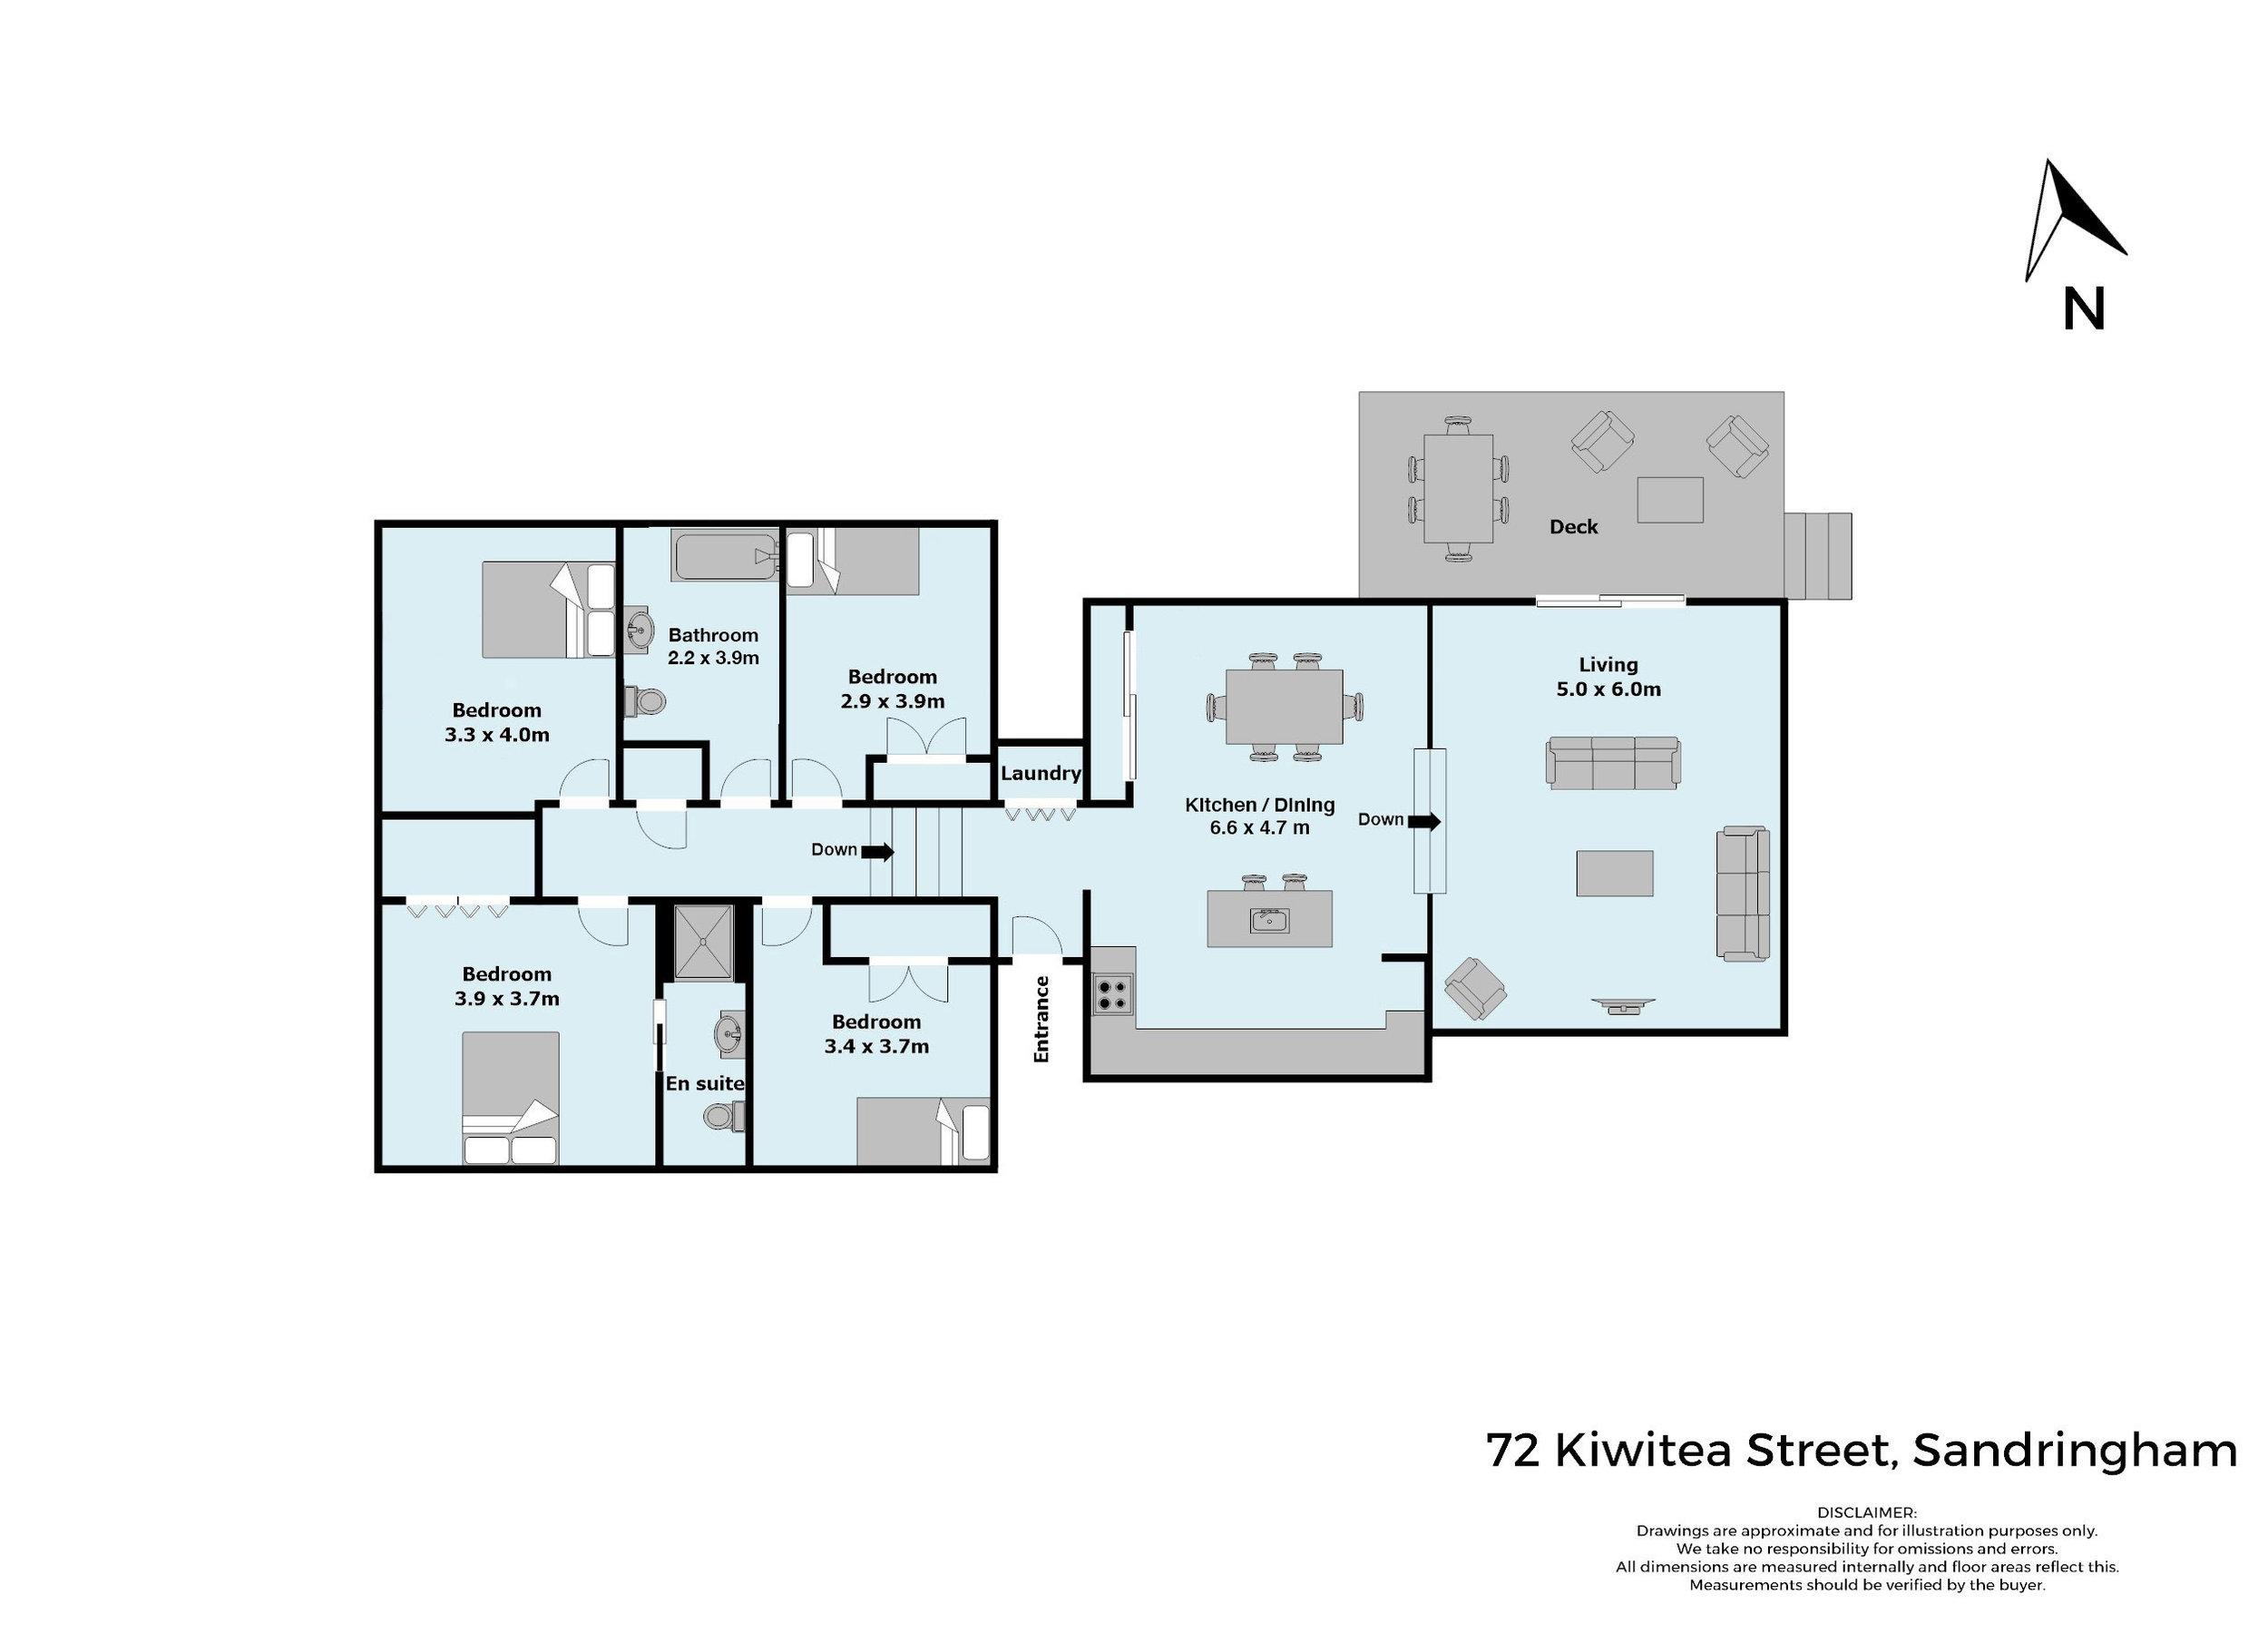 72 Kiwitea Street, Sandringham v5.jpg